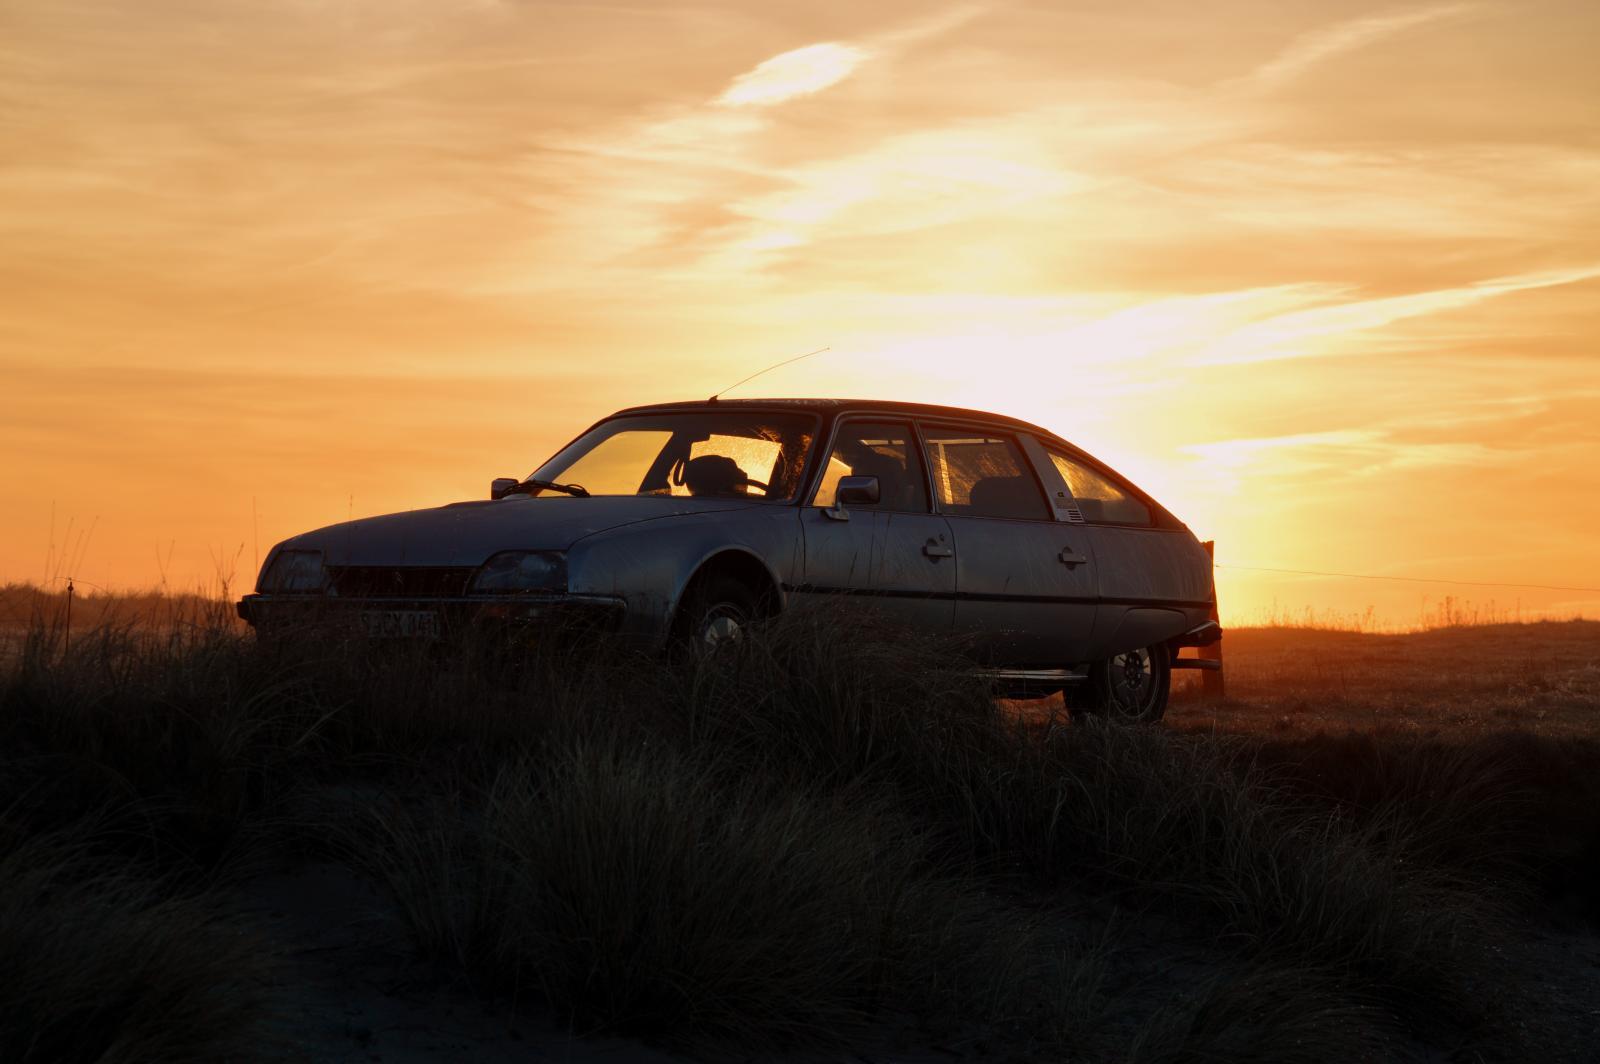 CX 25 Prestige Bj. 1984